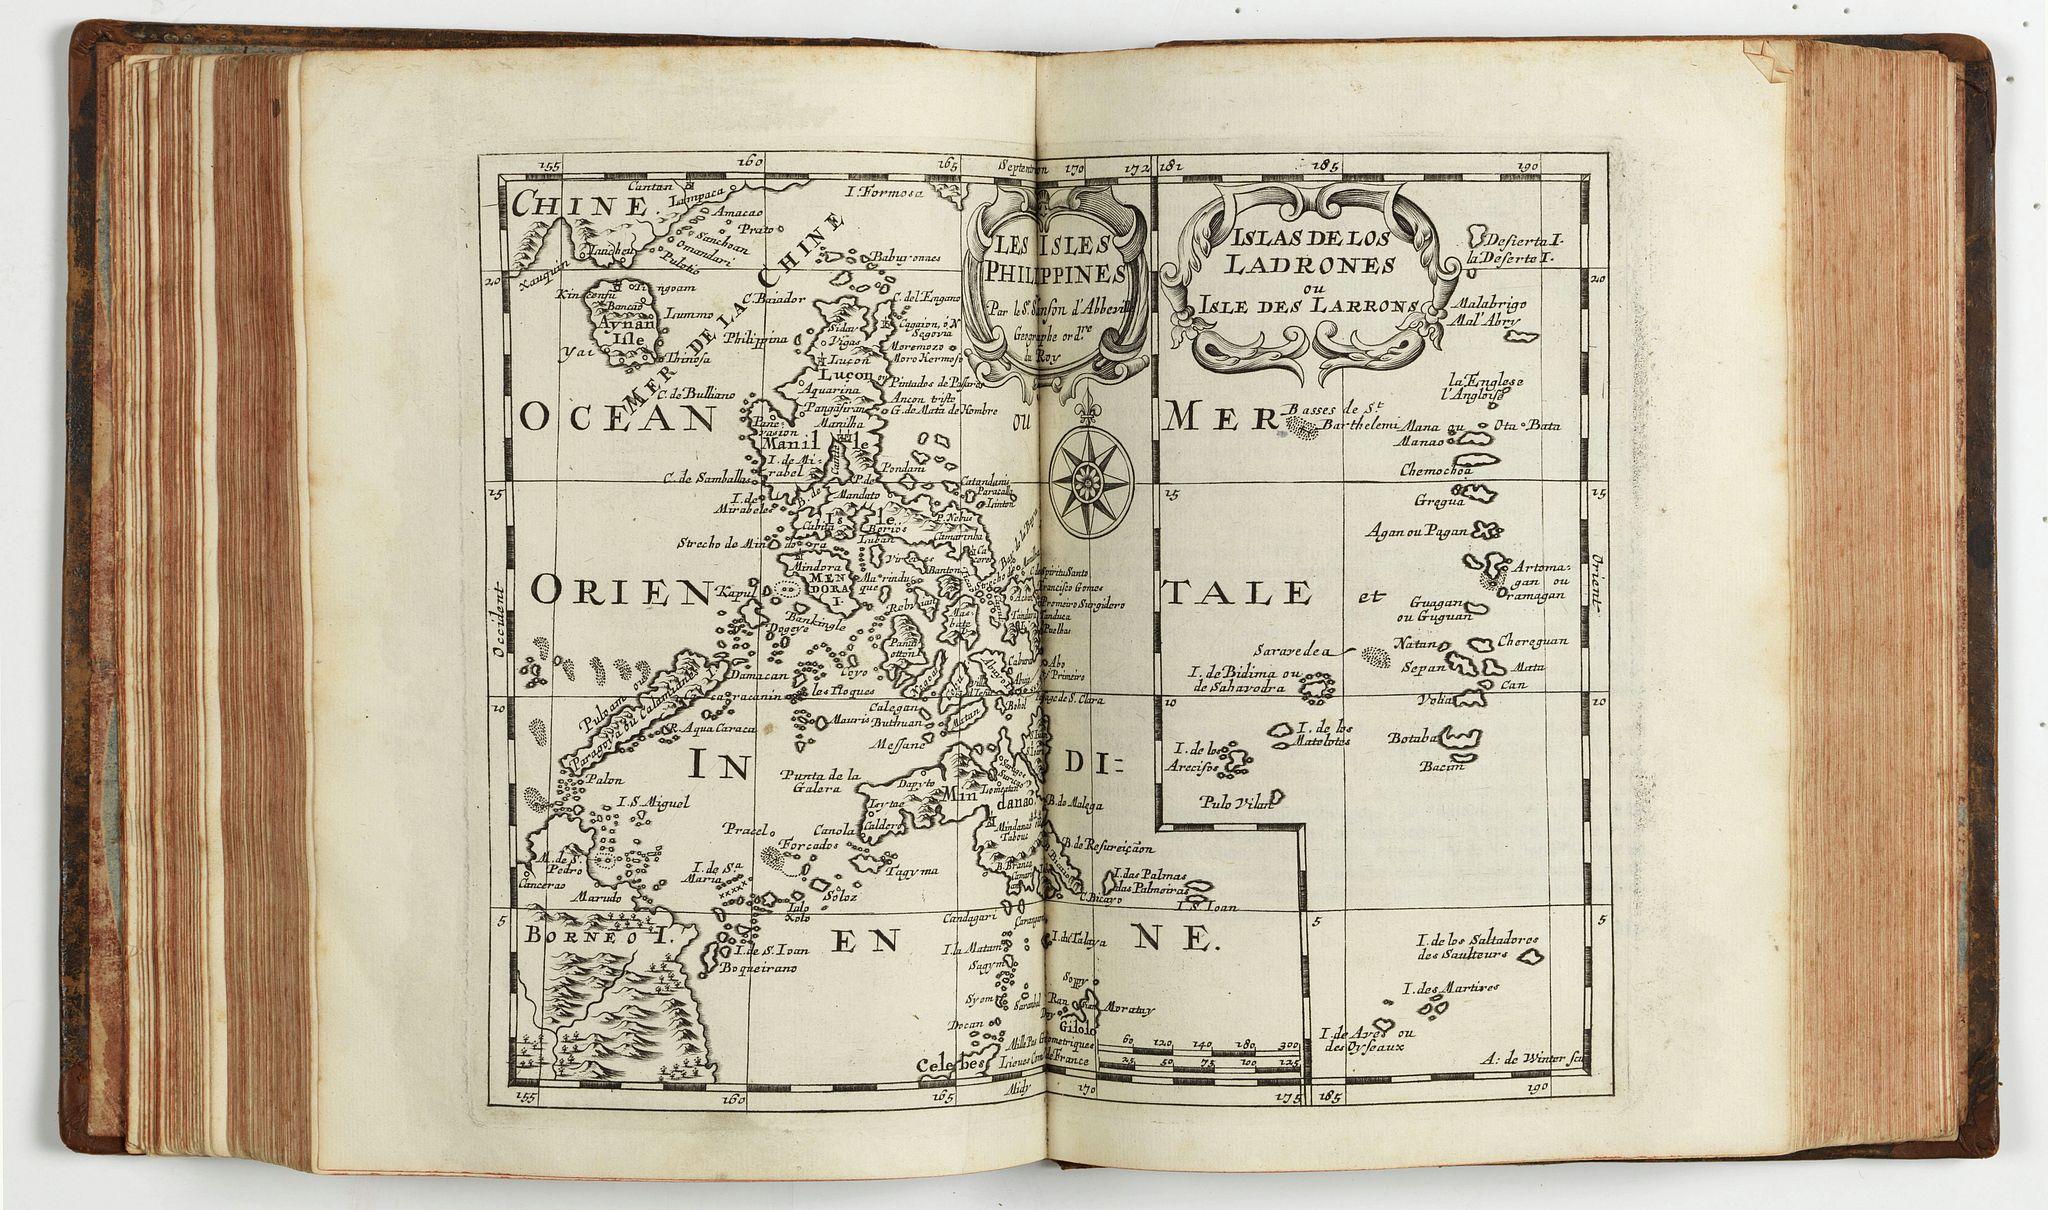 SANSON d'Abbeville, Nicolas (Father and son). - Description de tout l'univers, en plusieurs Cartes, et en divers Traittez de Géographie et d'Histoire…